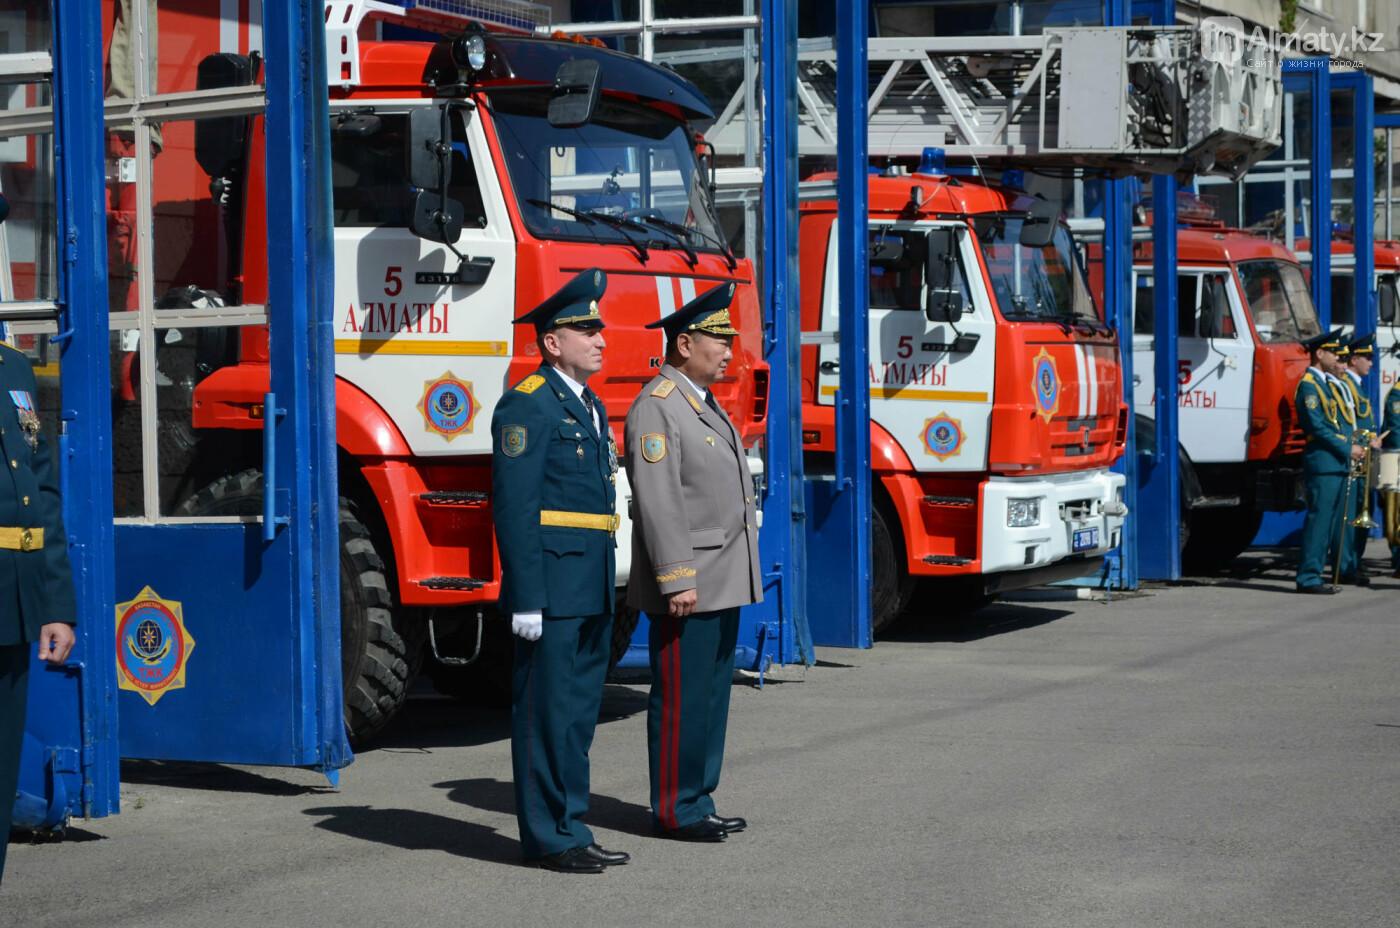 В Алматы почтили память пожарных героически погибших 30 лет назад , фото-9